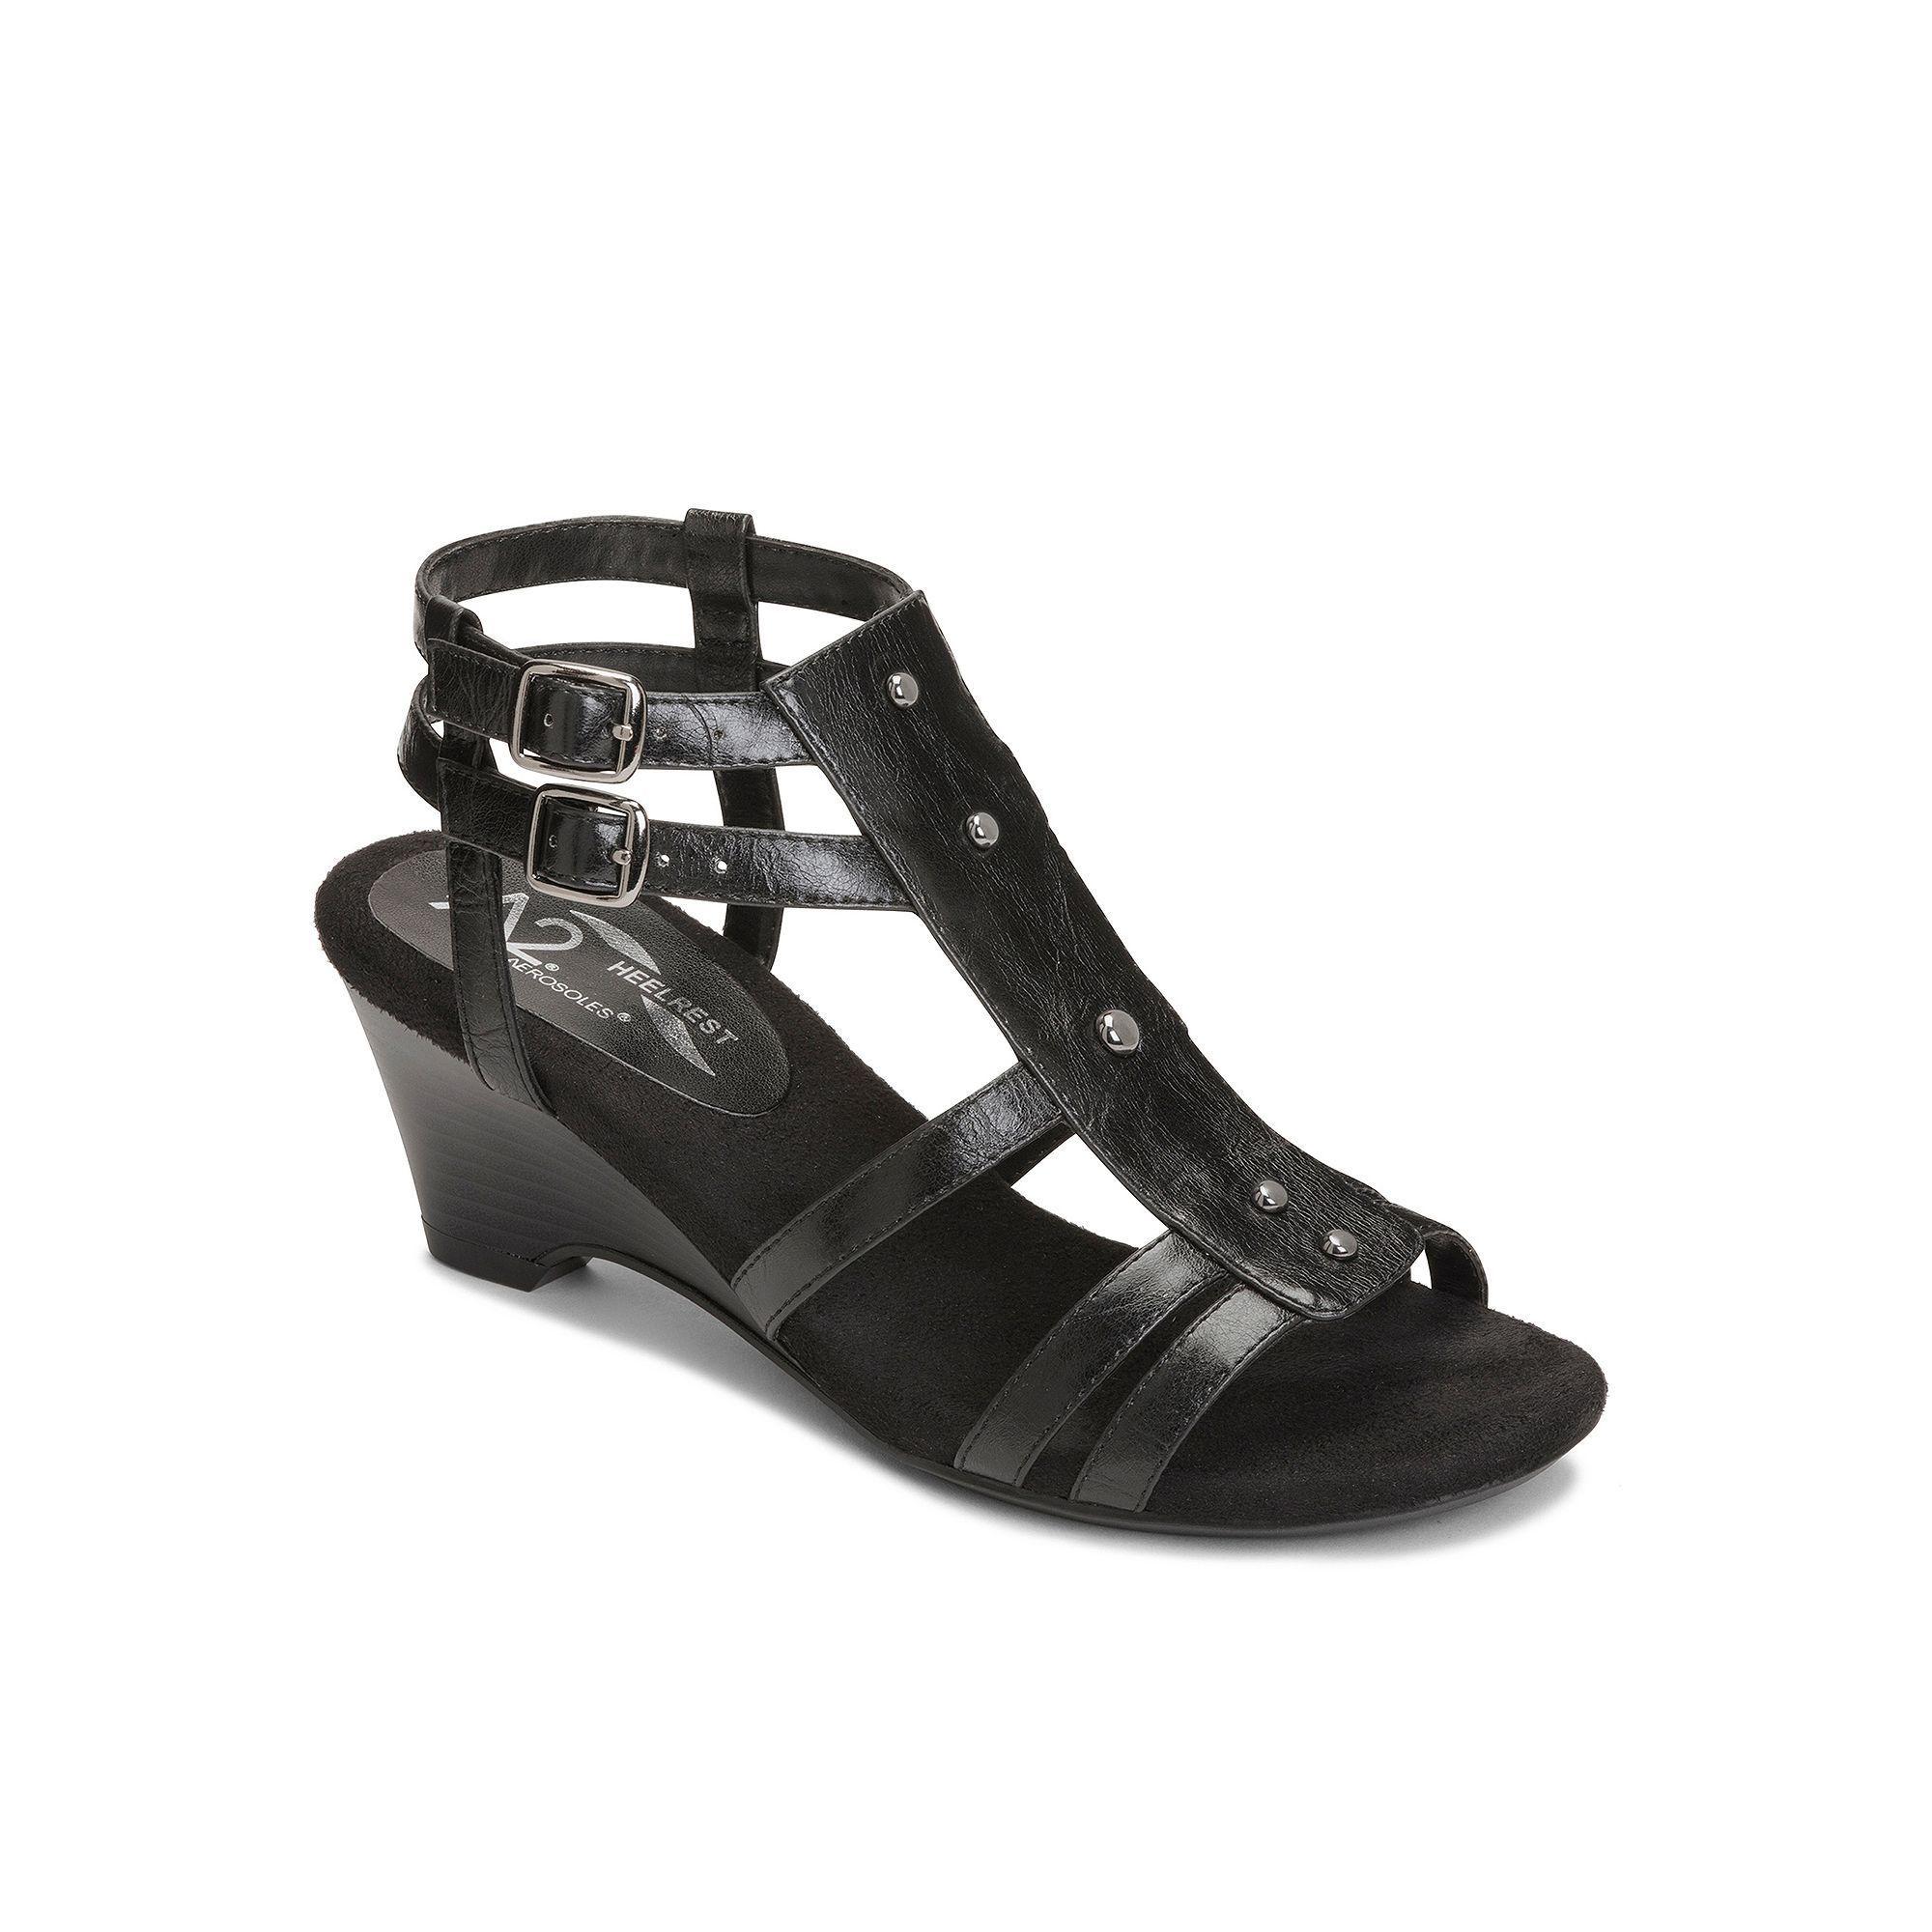 e24d8abafdd A2 by Aerosoles Mayor Women s Wedge Sandals